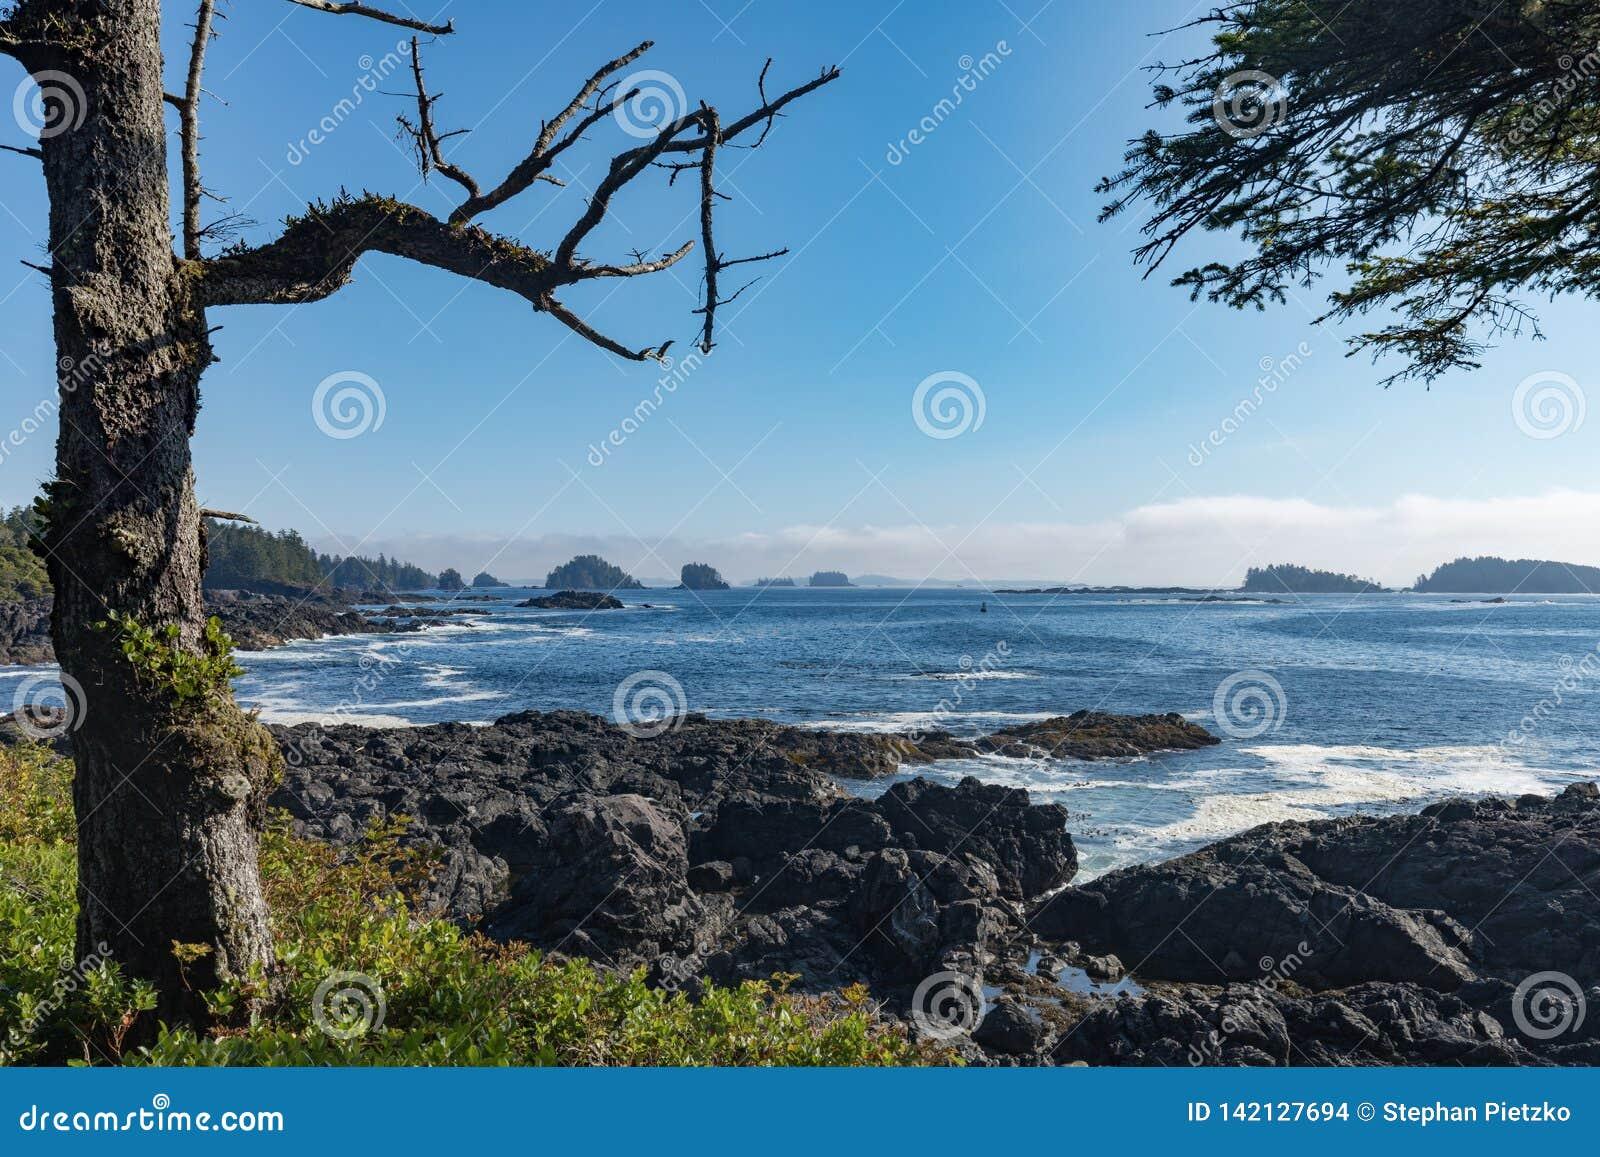 Δυτικό Νησί Βανκούβερ Π.Χ. Καναδάς Pacific Coast